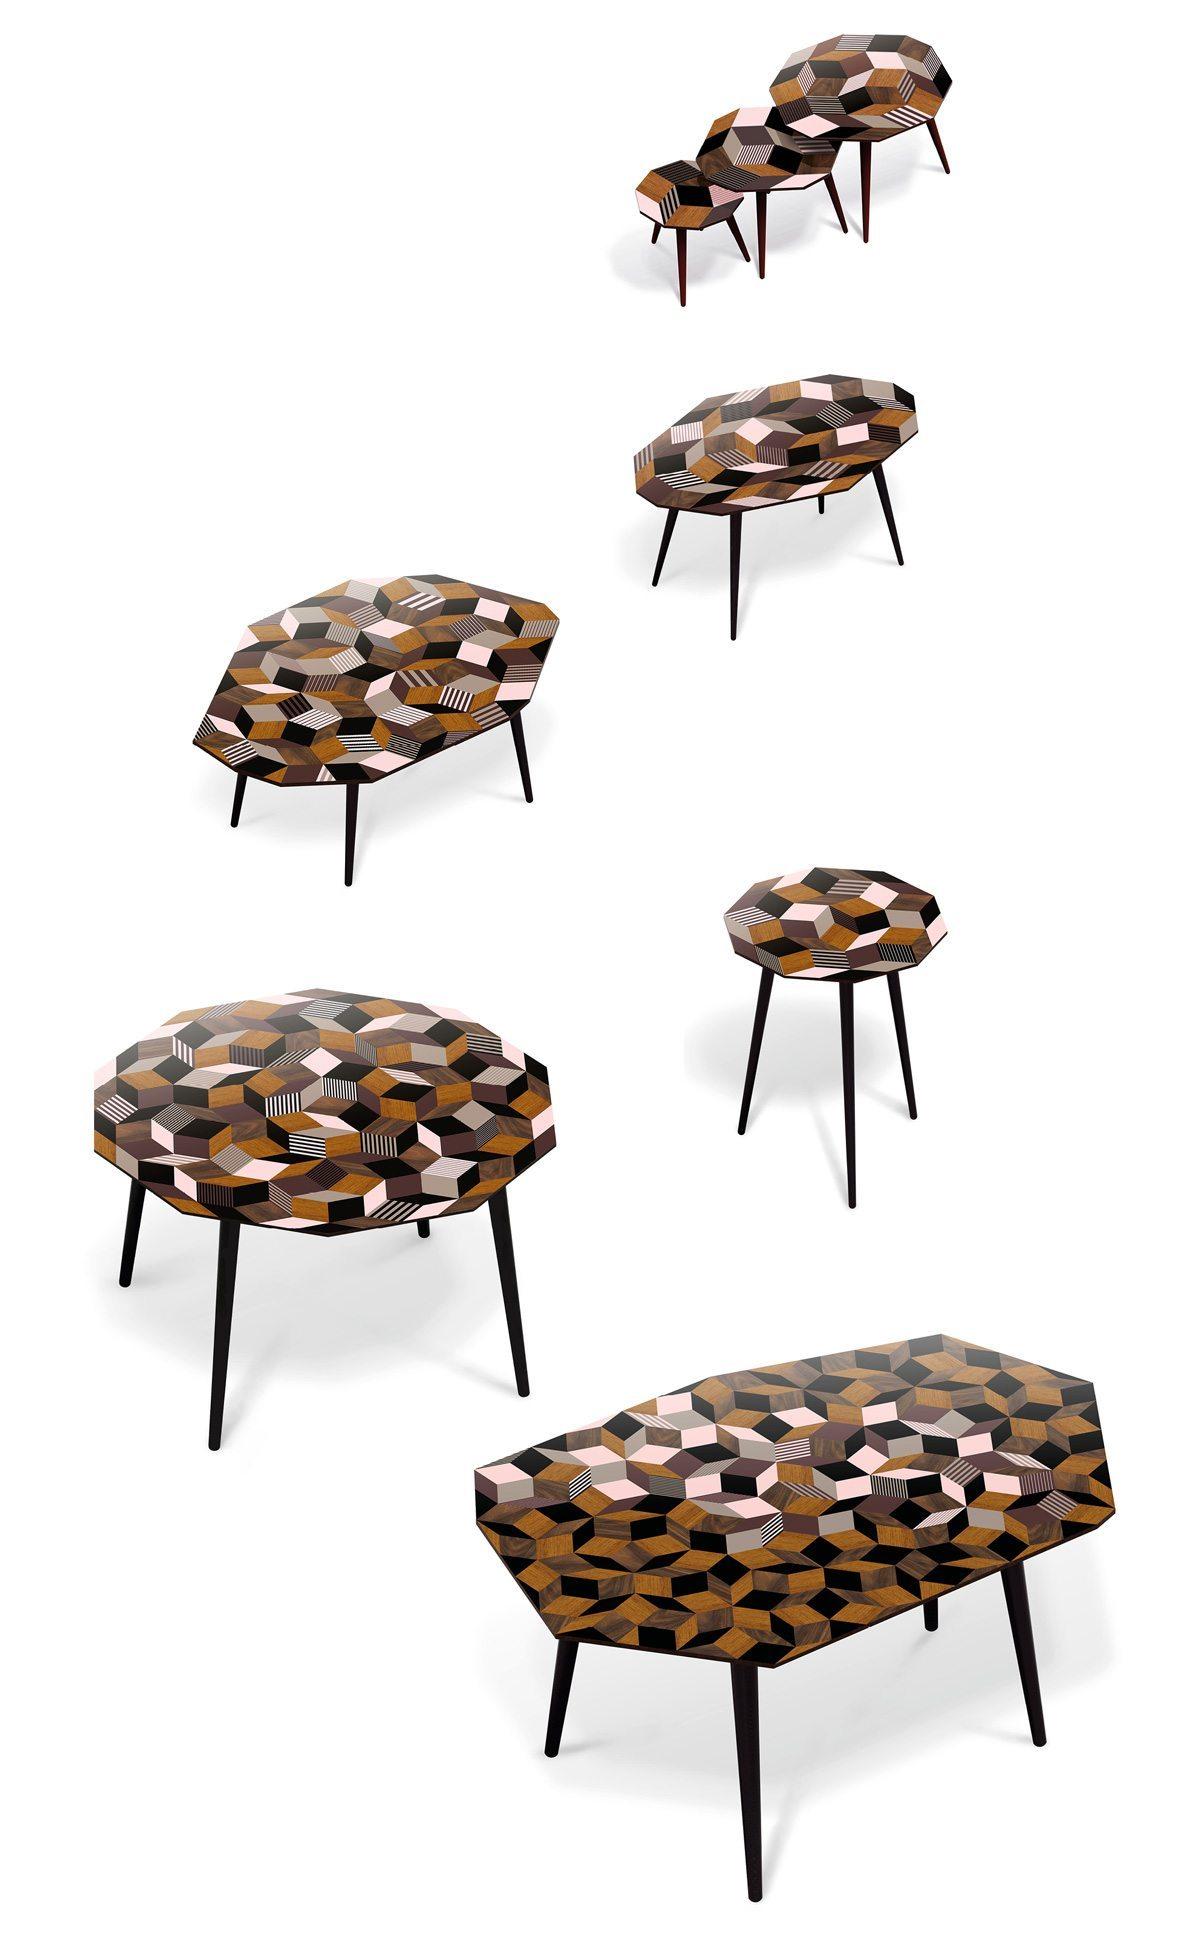 made in design plateaux des tables fancy wood par ichetkar pavage penrose marqueterie et rose